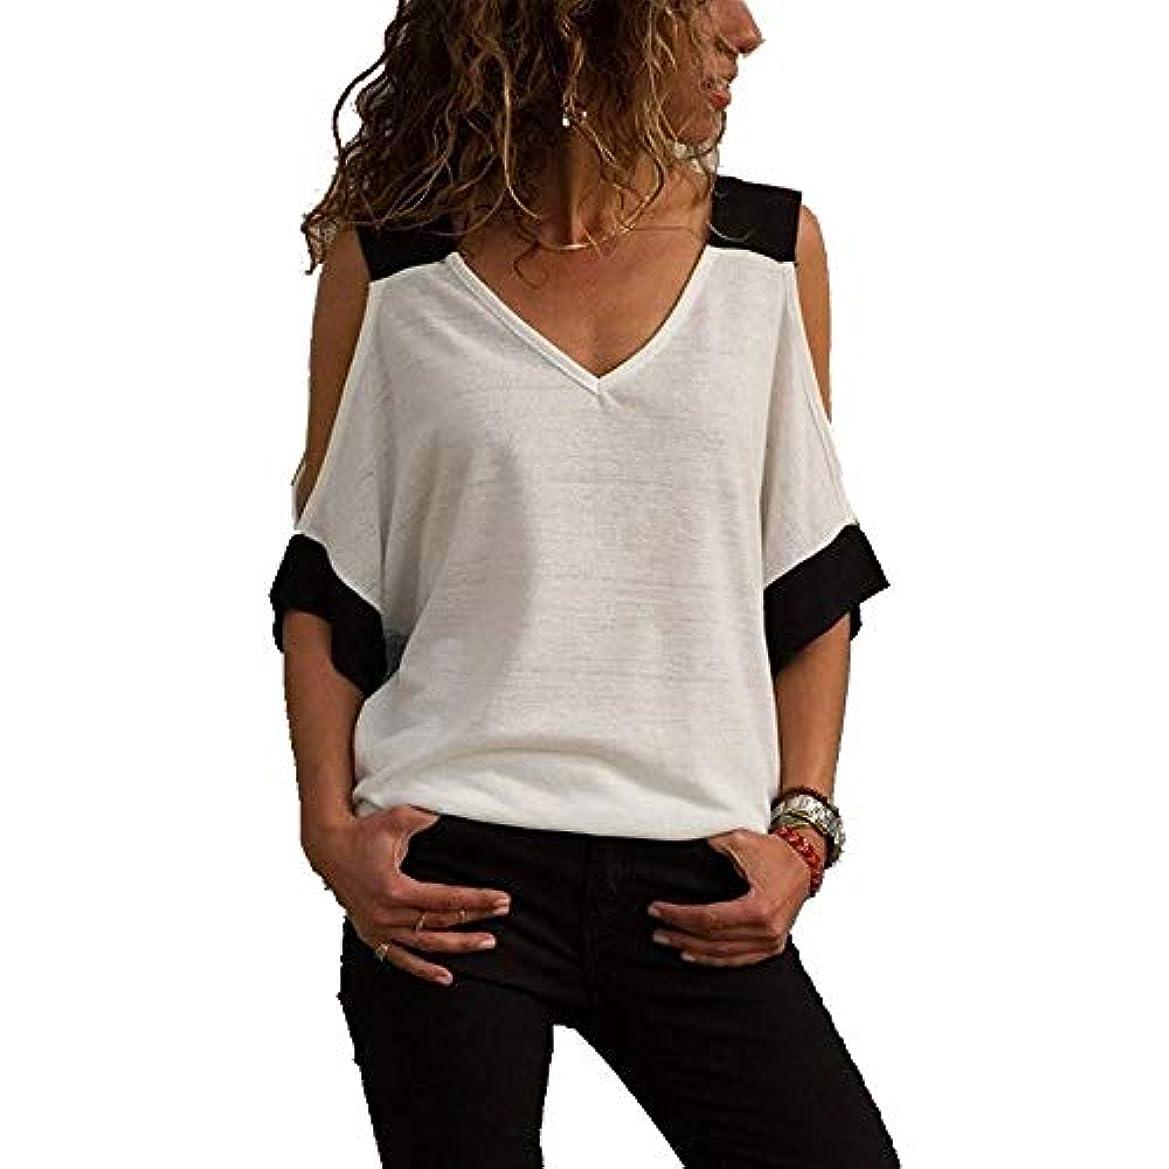 イヤホン大秋MIFAN女性ファッションカジュアルトップス女性ショルダーブラウスコットンTシャツディープVネック半袖